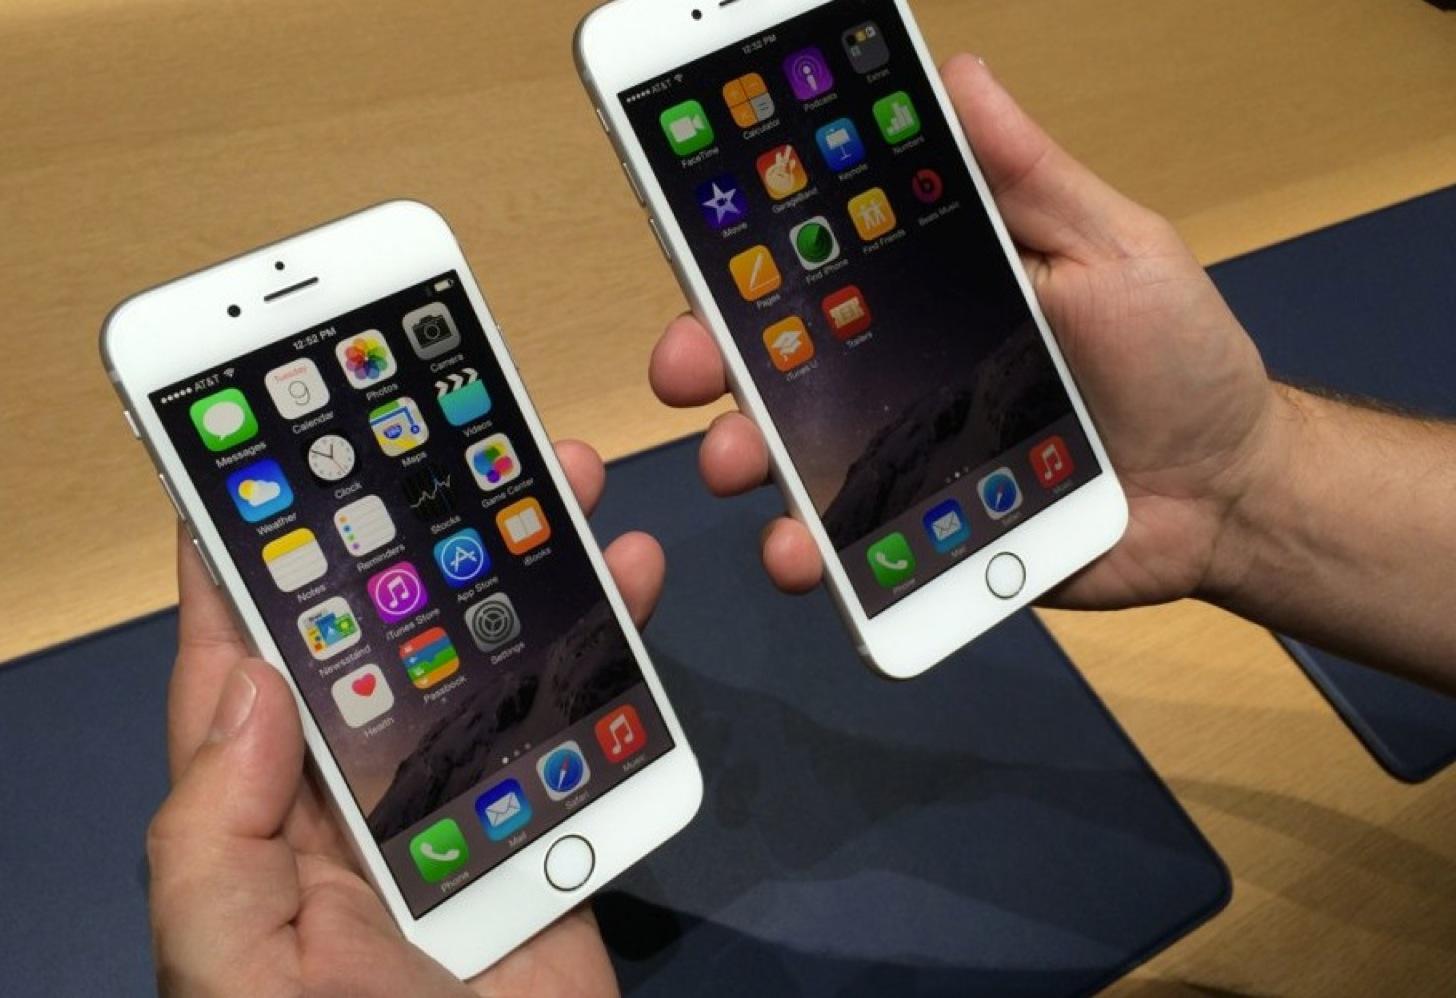 【比較】KDDIとソフトバンクの iPhone 6 / iPhone 6 Plus における新規契約・機種変更の一括価格と実質負担額を比較してみた。【料金】